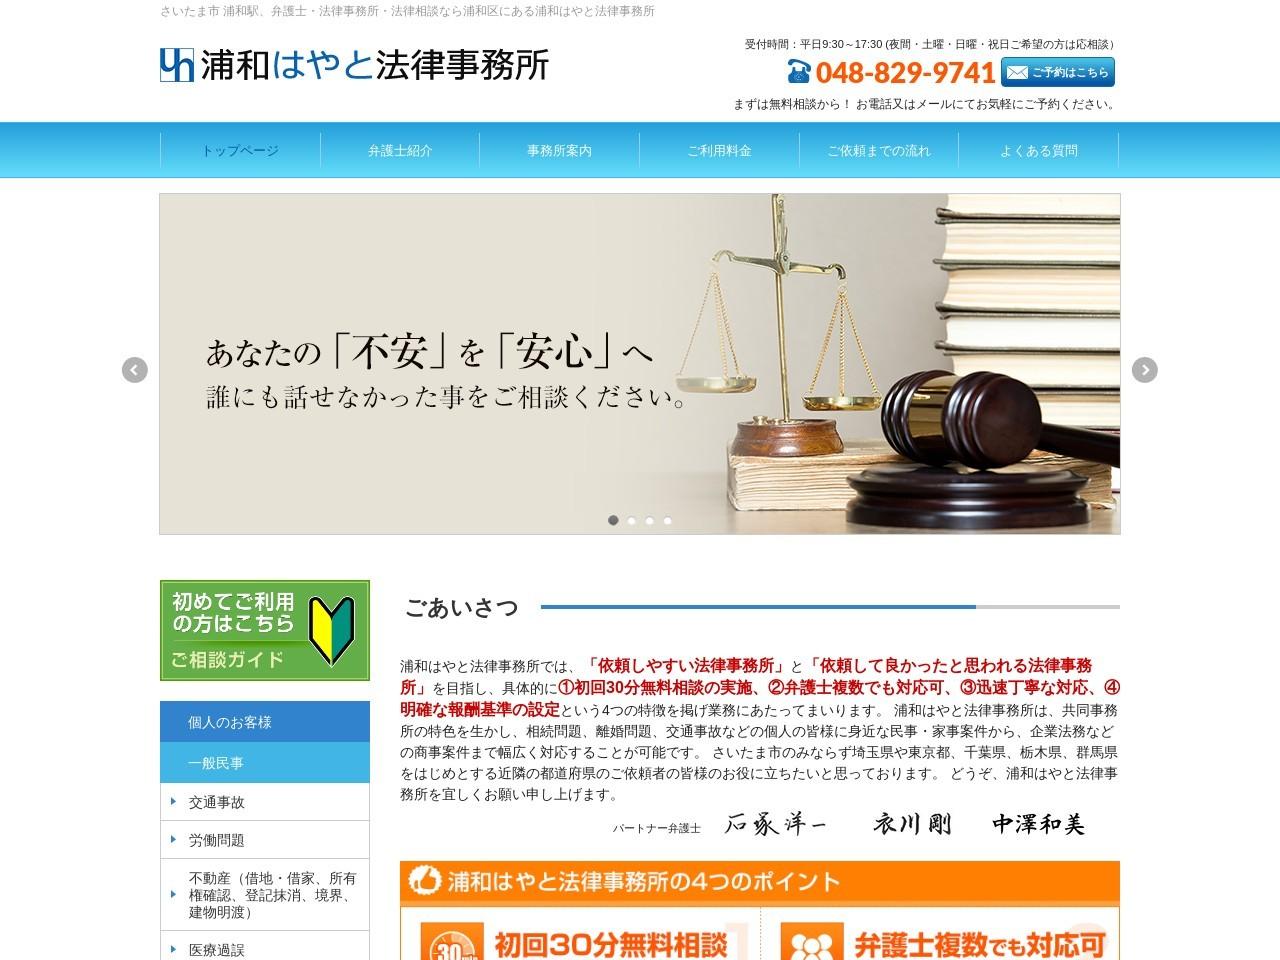 浦和はやと法律事務所